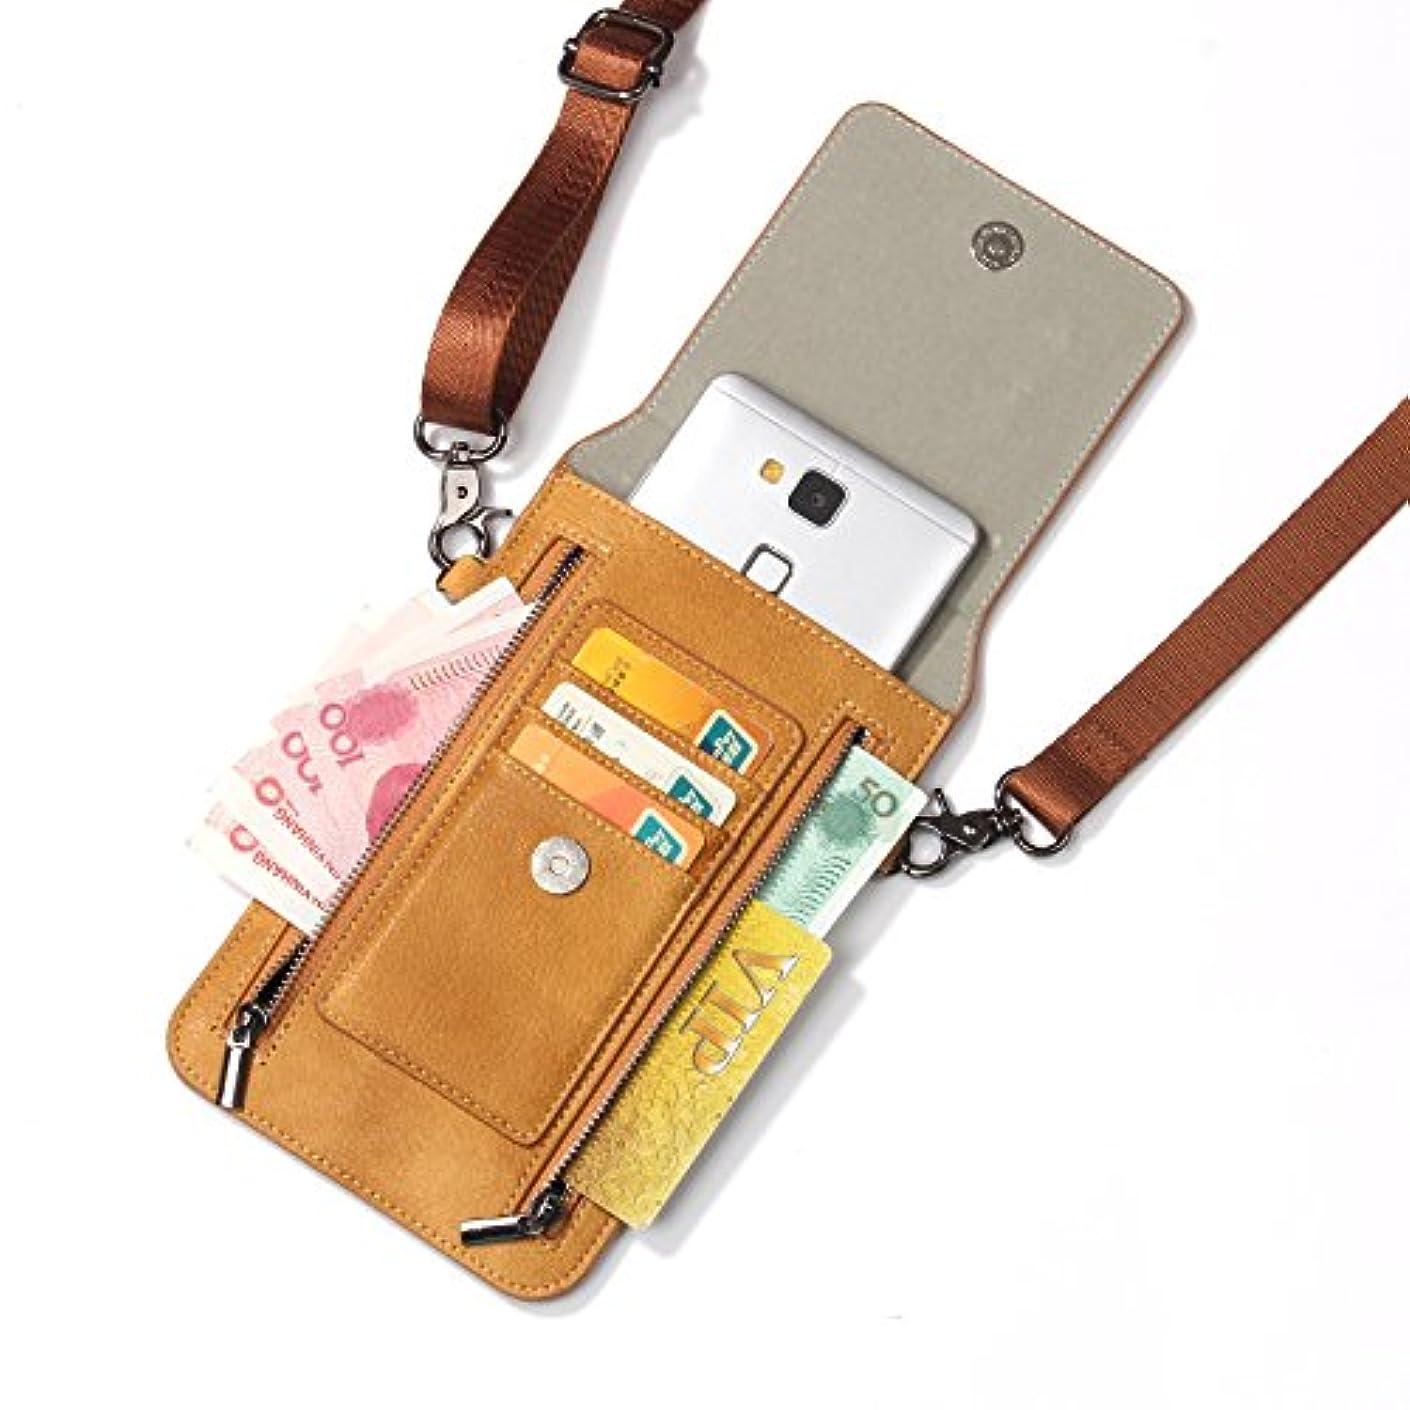 コンプライアンスうそつきシャットiPhone XS Max ケース レザー INorton 多機能スマホポーチ 保護カバー 財布型 軽量 カード お金収納 ストラップ付き iPhone X /8/8Plus/7/7Plusなど6.5インチ汎用